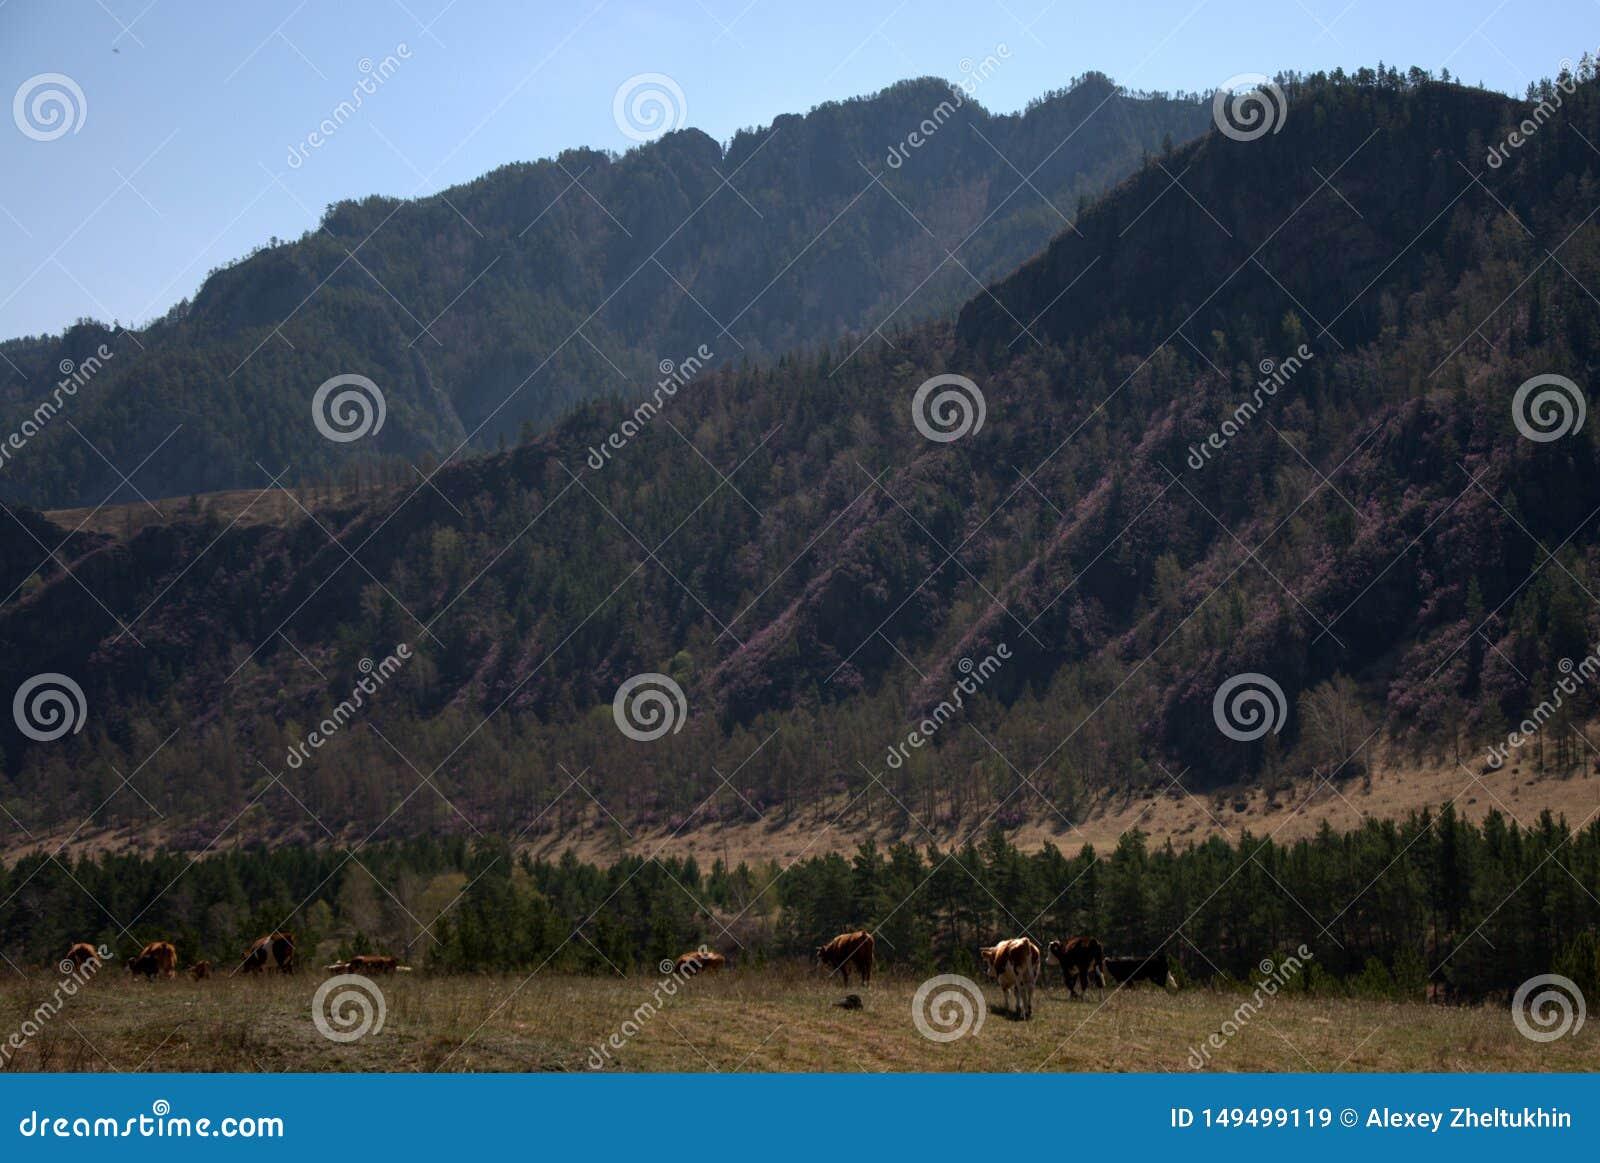 Un gruppo di cavalli pasce in una valle fertile circondata dalle montagne